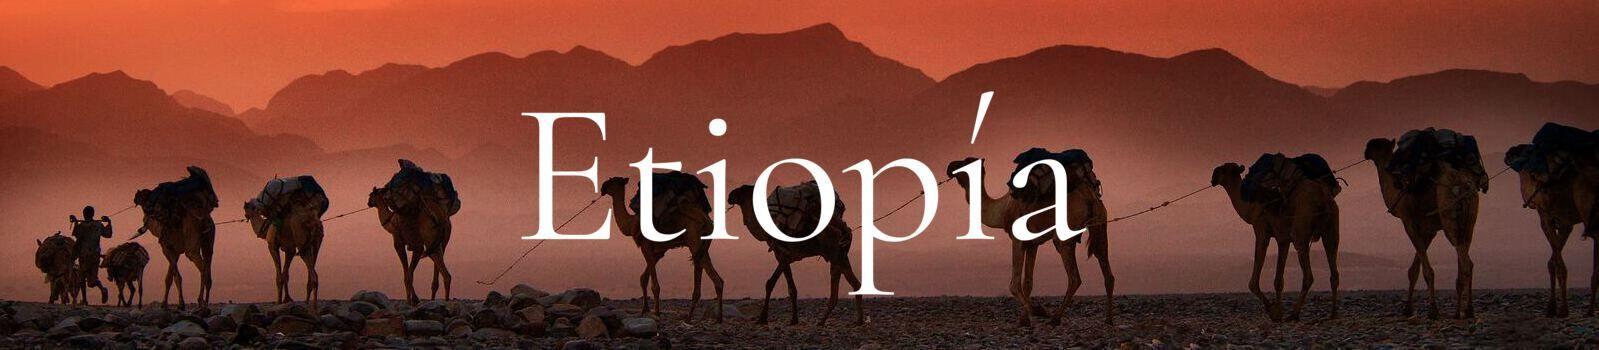 etiopia banner